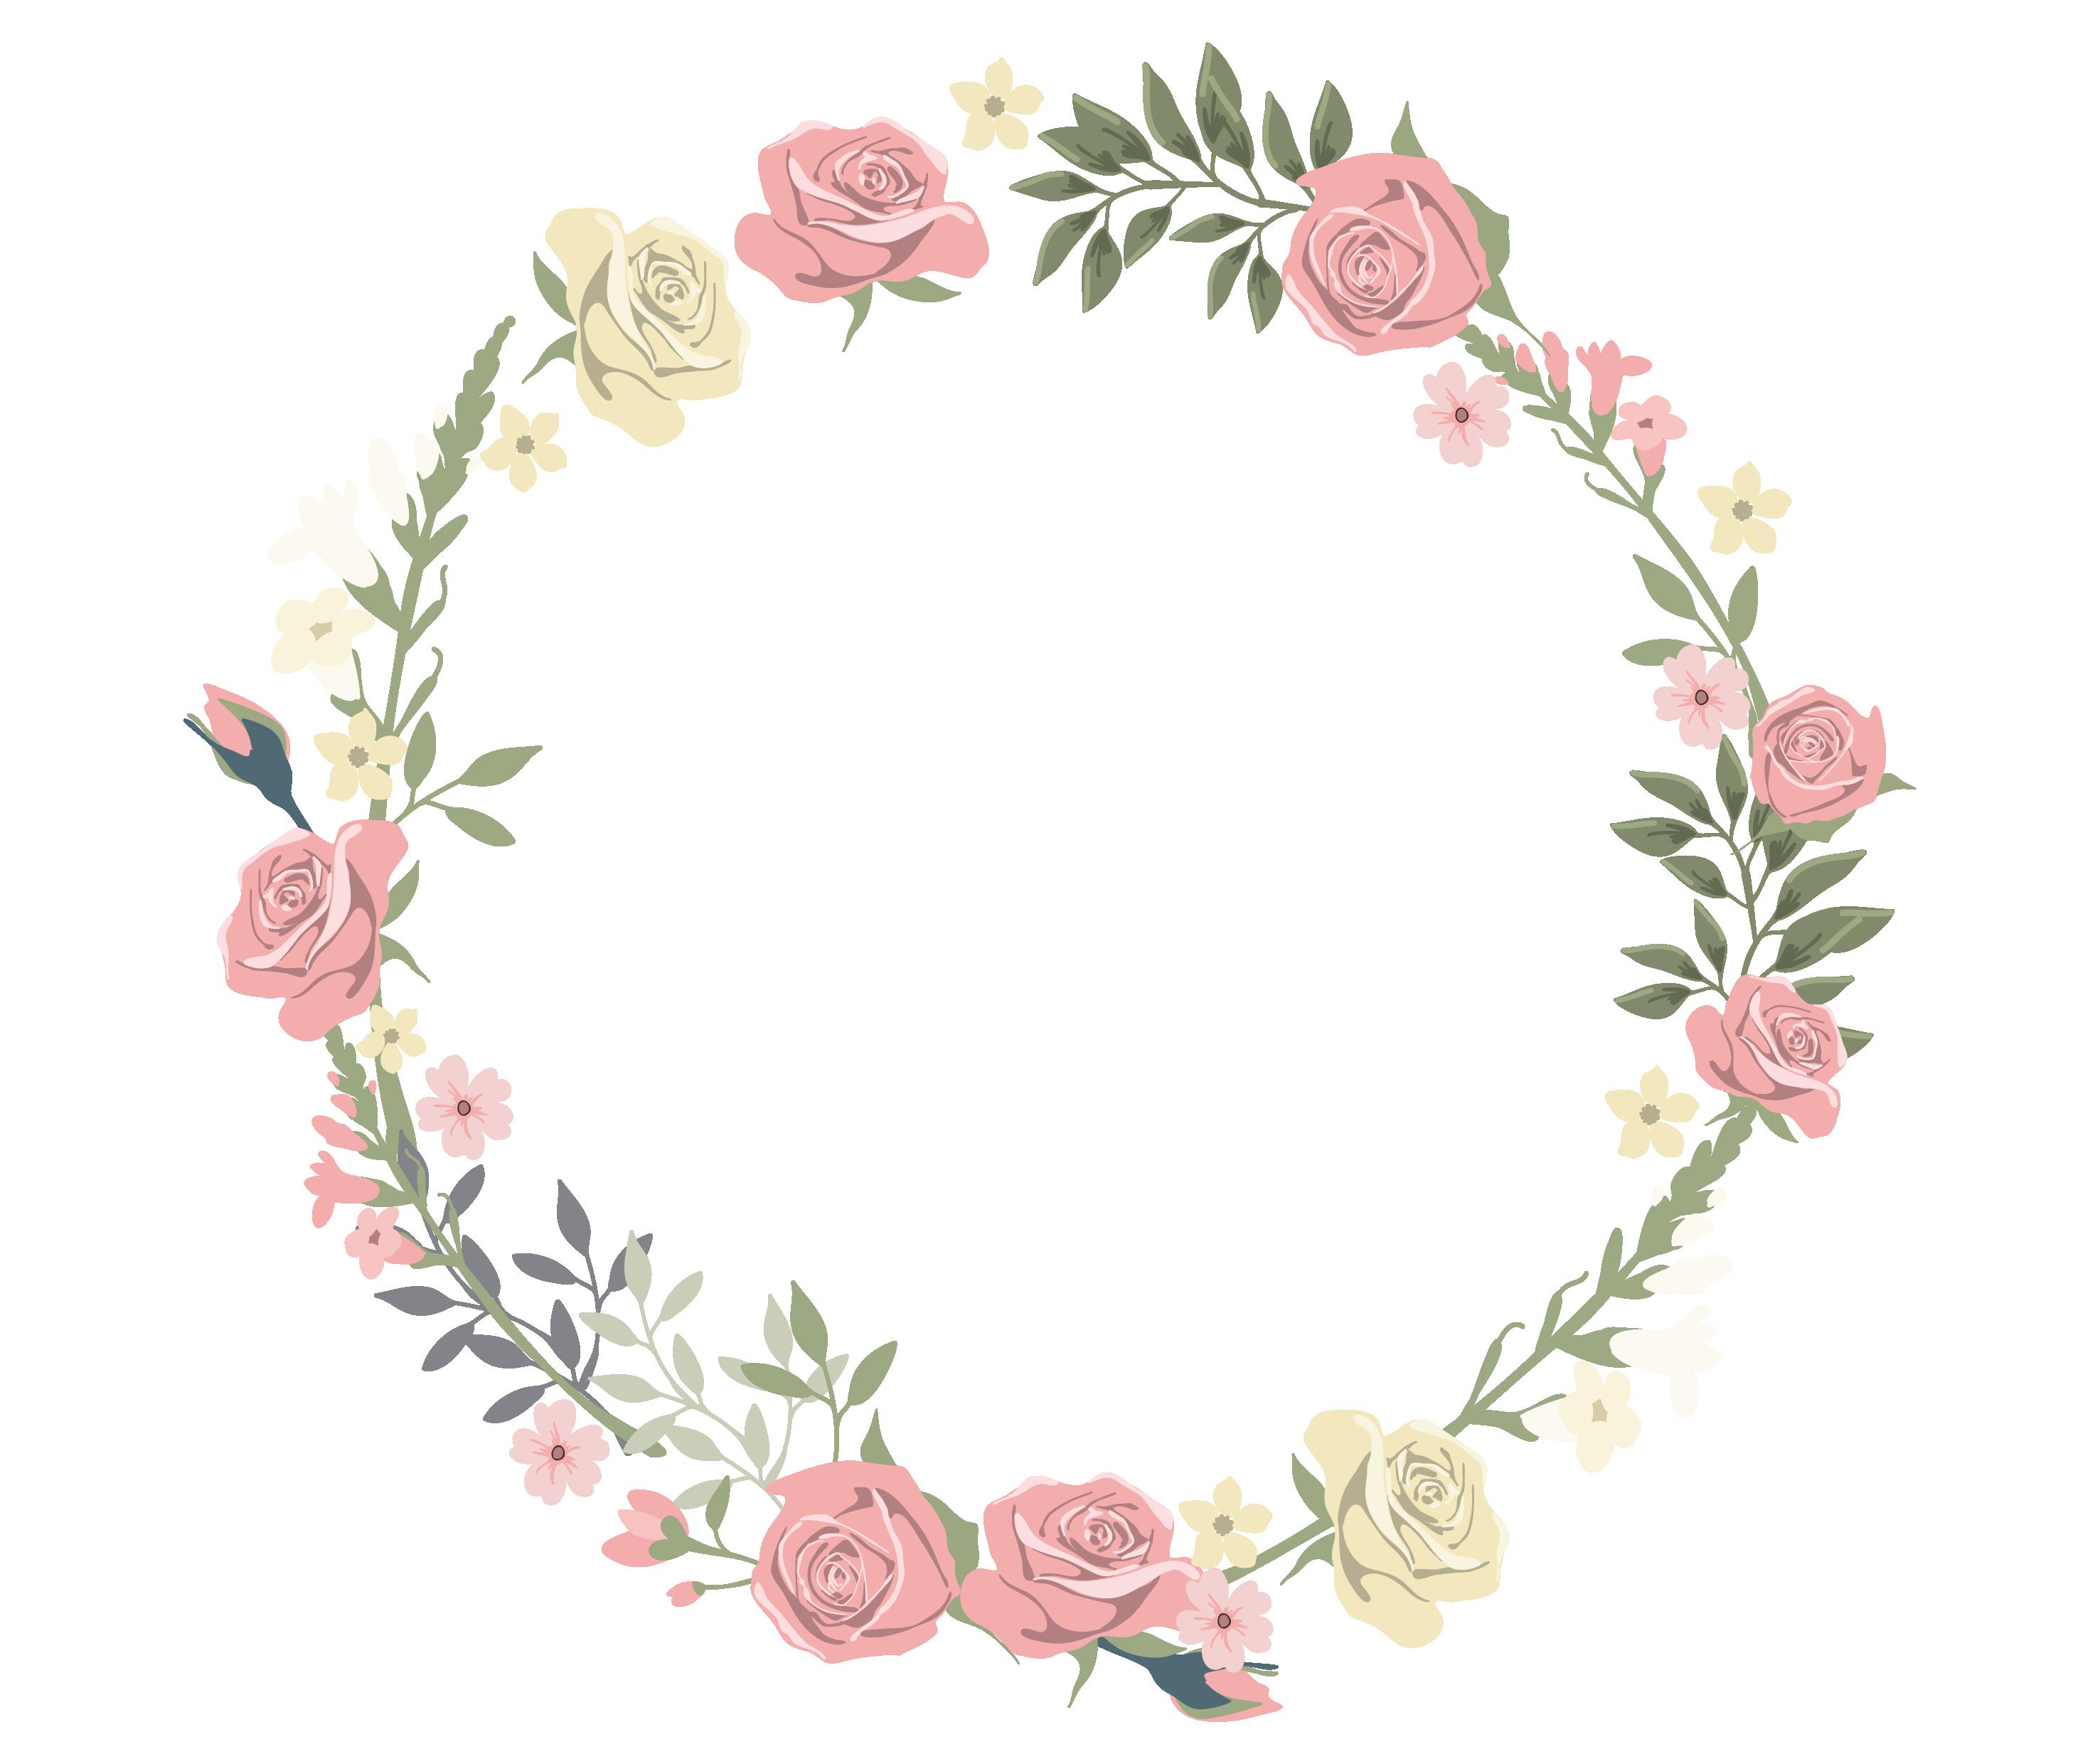 バラのイラスト・画像No.717『バラのフレーム』/無料のフリー素材集【百花繚乱】